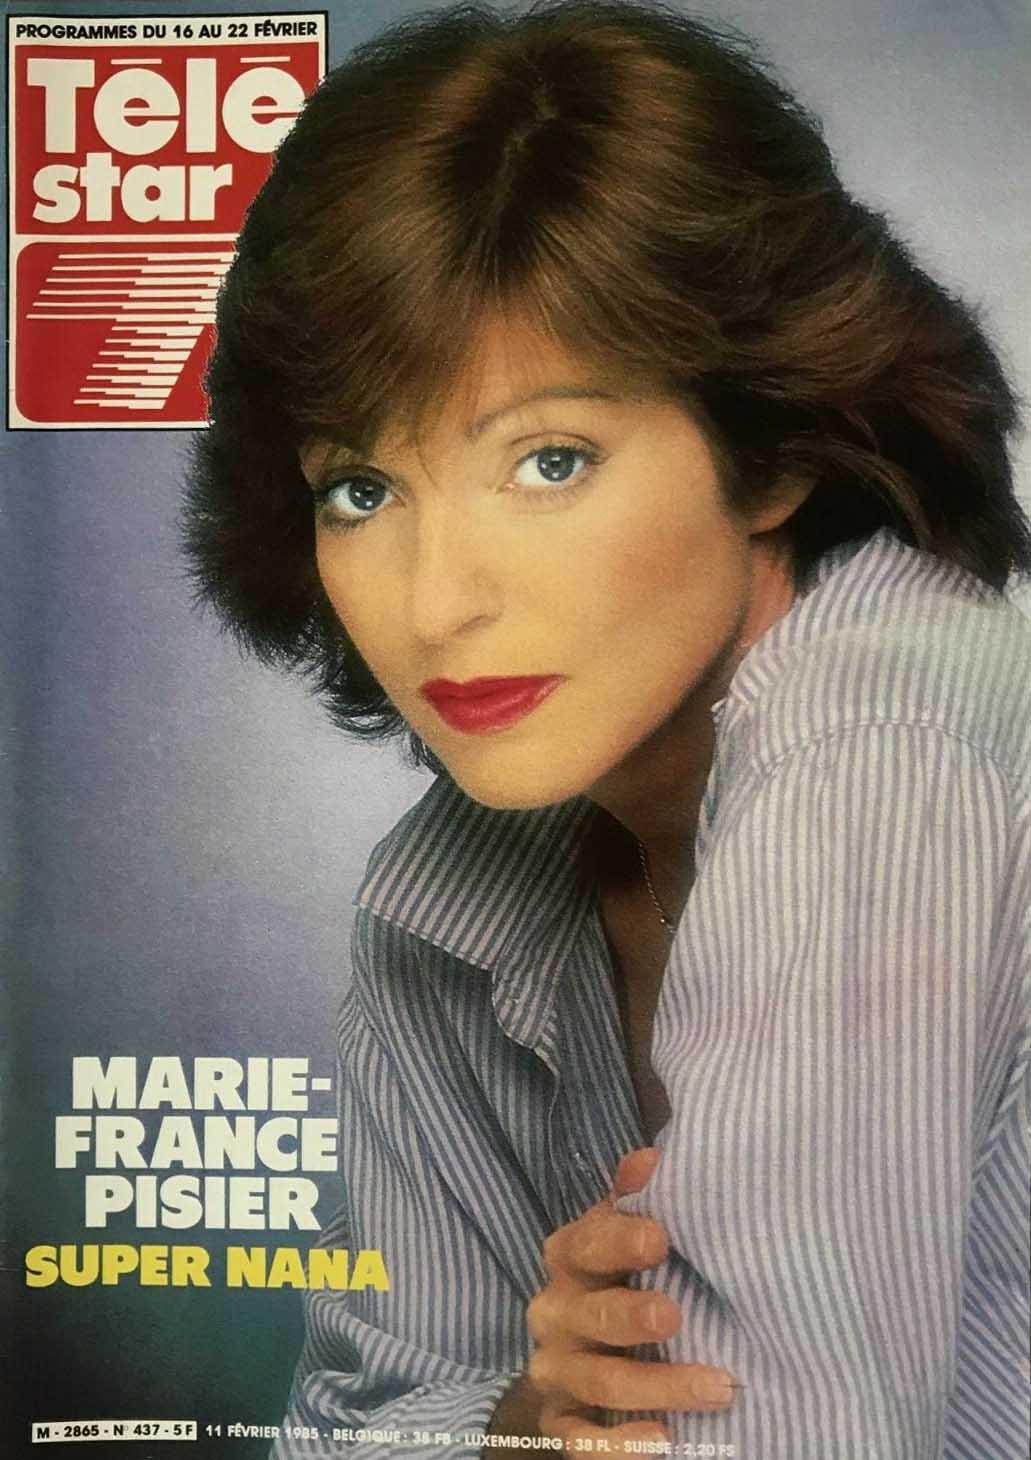 16 au 22 février 1985